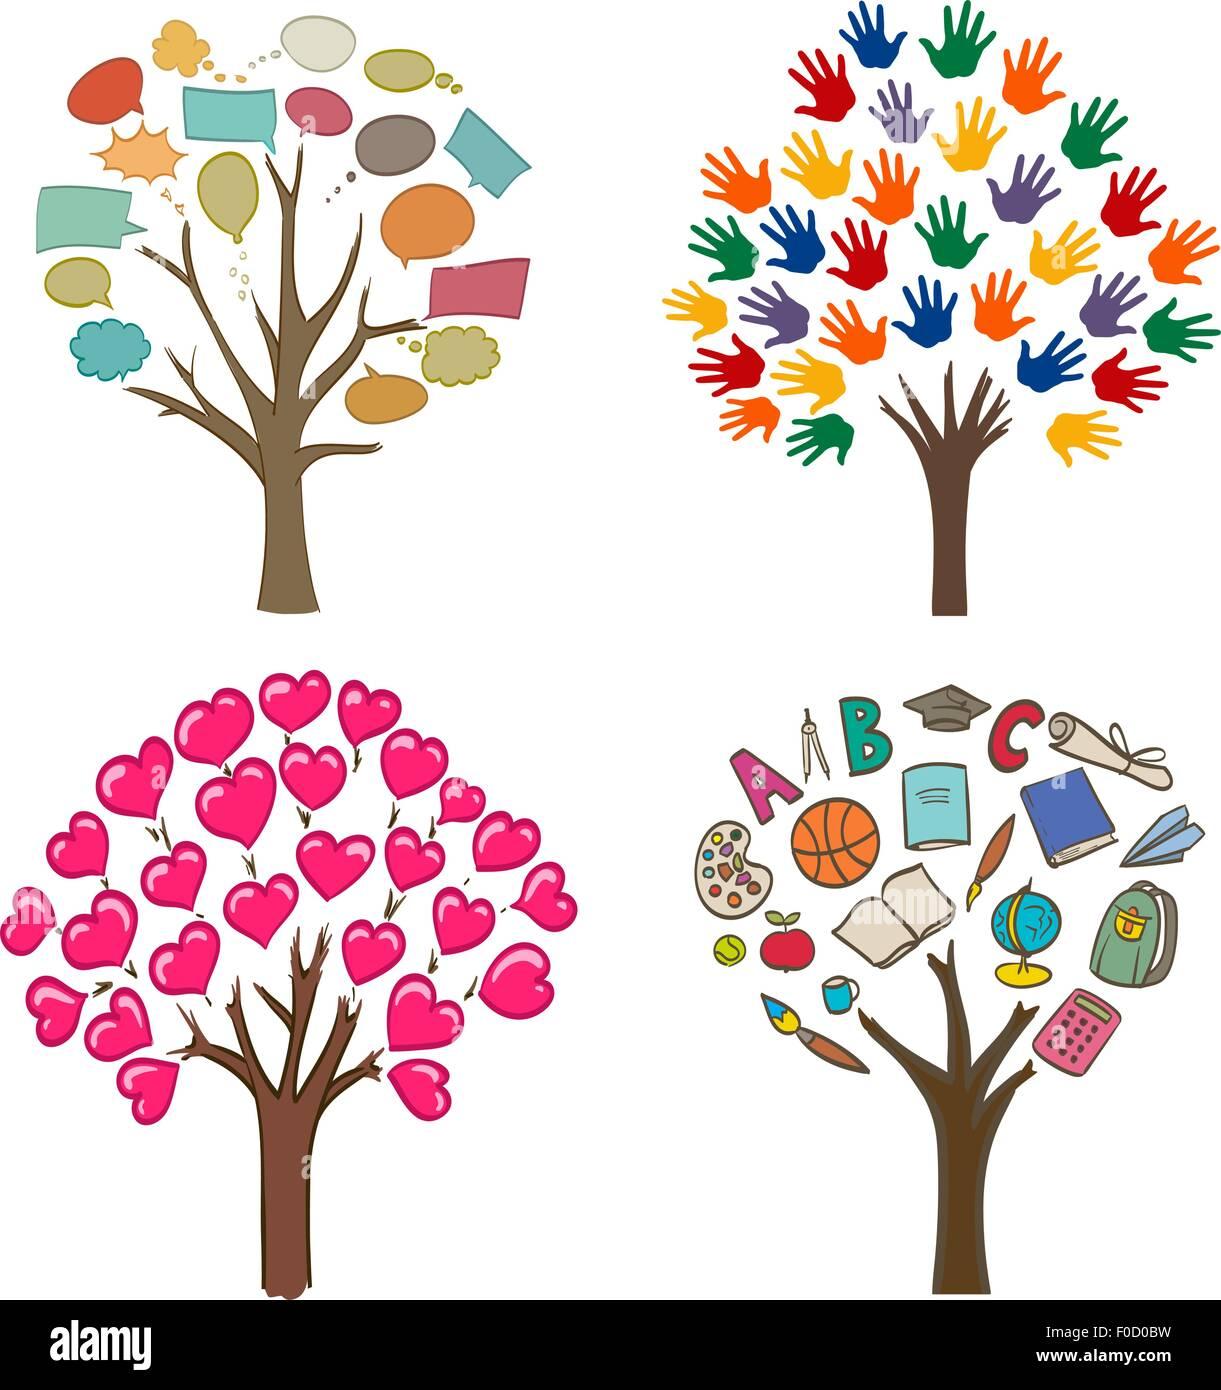 Conjunto De Dibujos Conceptuales Con árboles El Amor El Mensaje